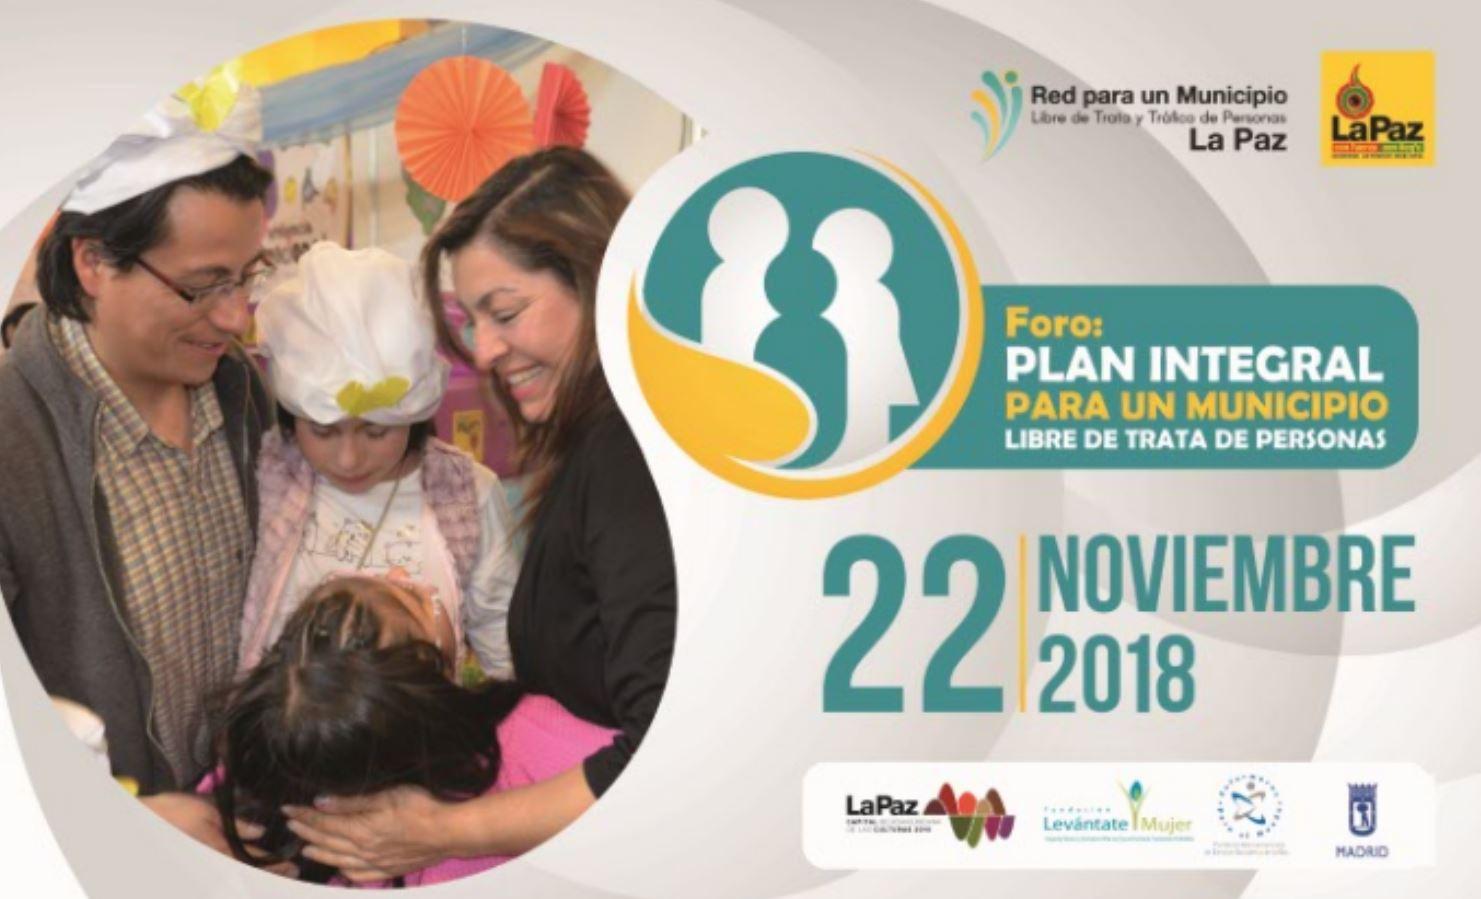 EPM organiza el I Foro Municipal contra la Trata y el Tráfico de Personas de La Paz (Bolivia)